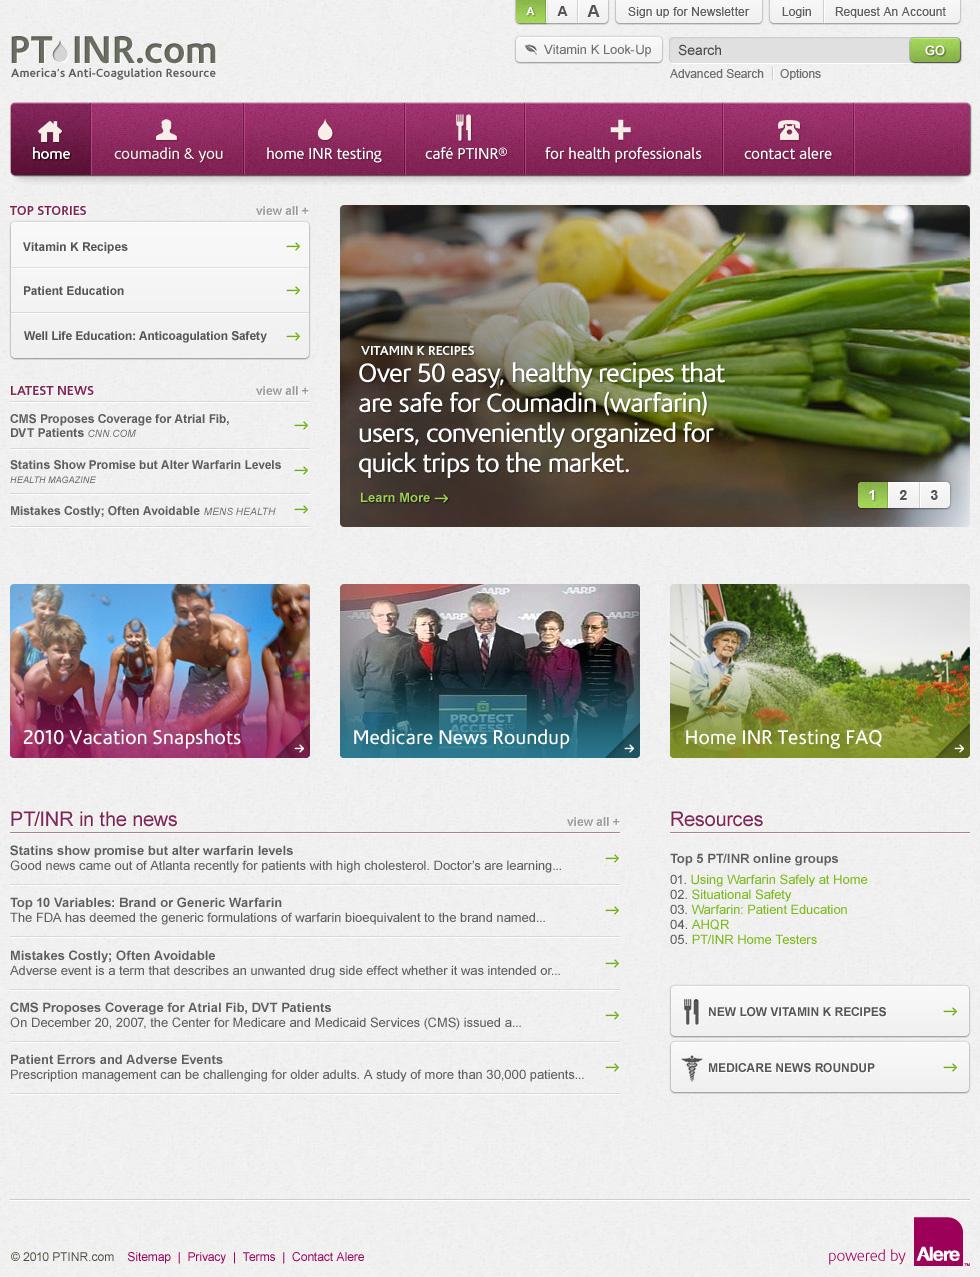 PTINR Website - Homepage